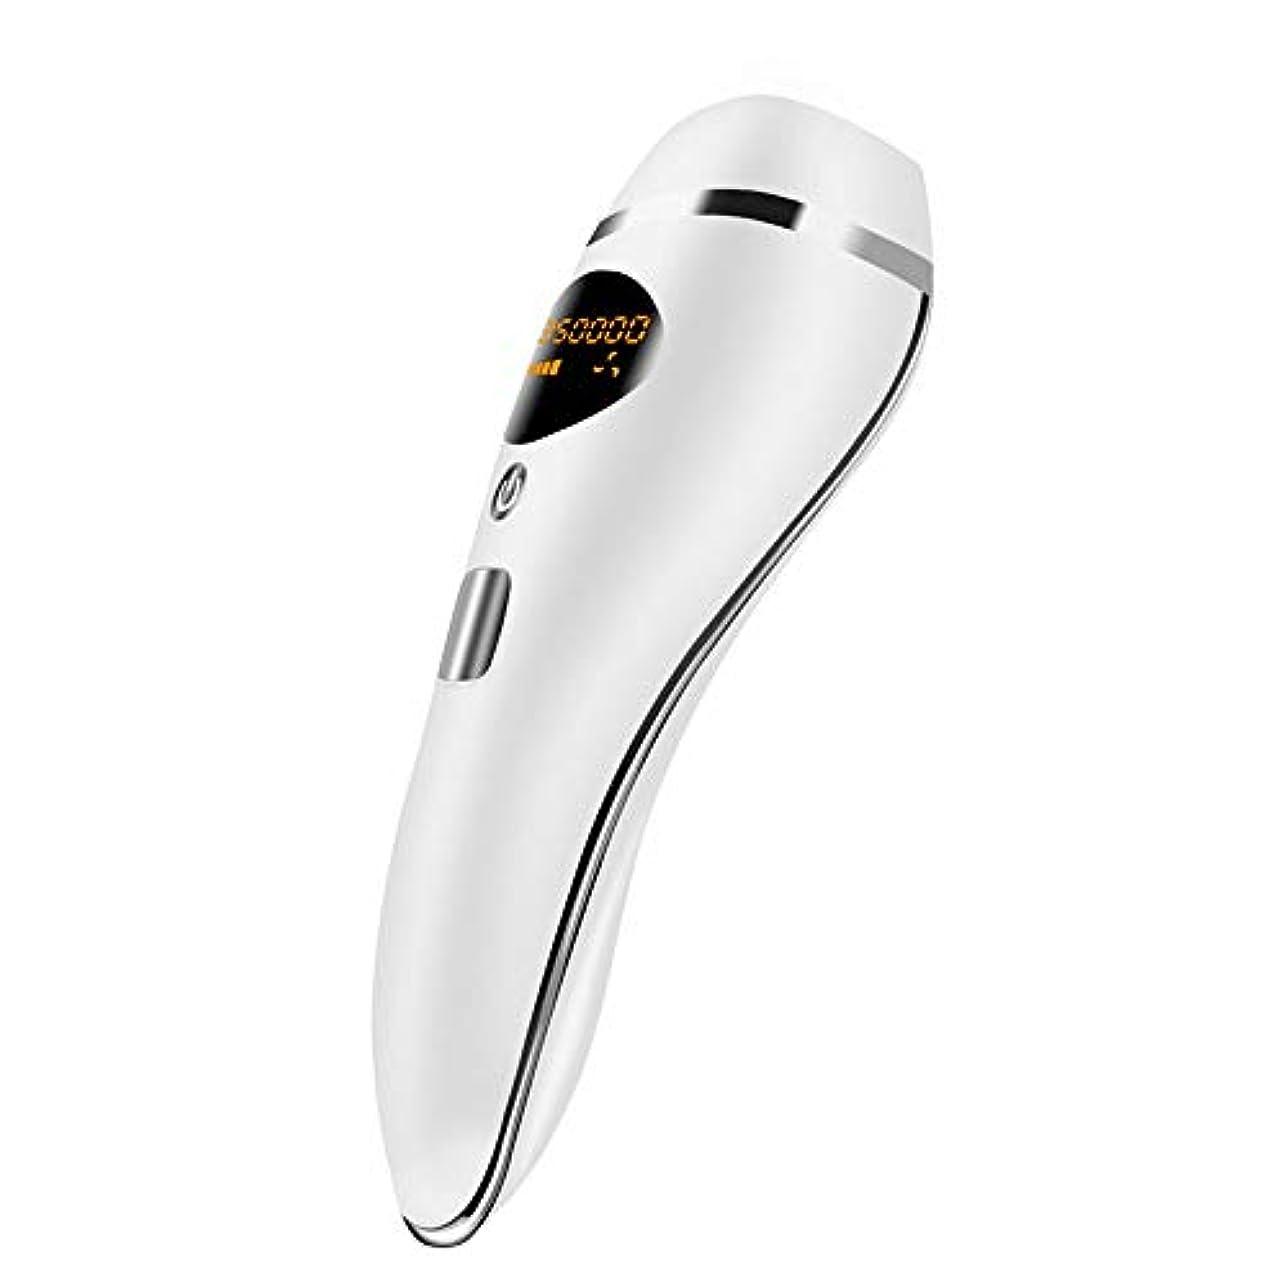 メタン重要な役割を果たす、中心的な手段となる先行するNuanxin 自動全身無痛脱毛剤、ホワイト、ポータブルパーマネントヘアリムーバー、デュアルモード、5速調整、サイズ20.5x7cm F30